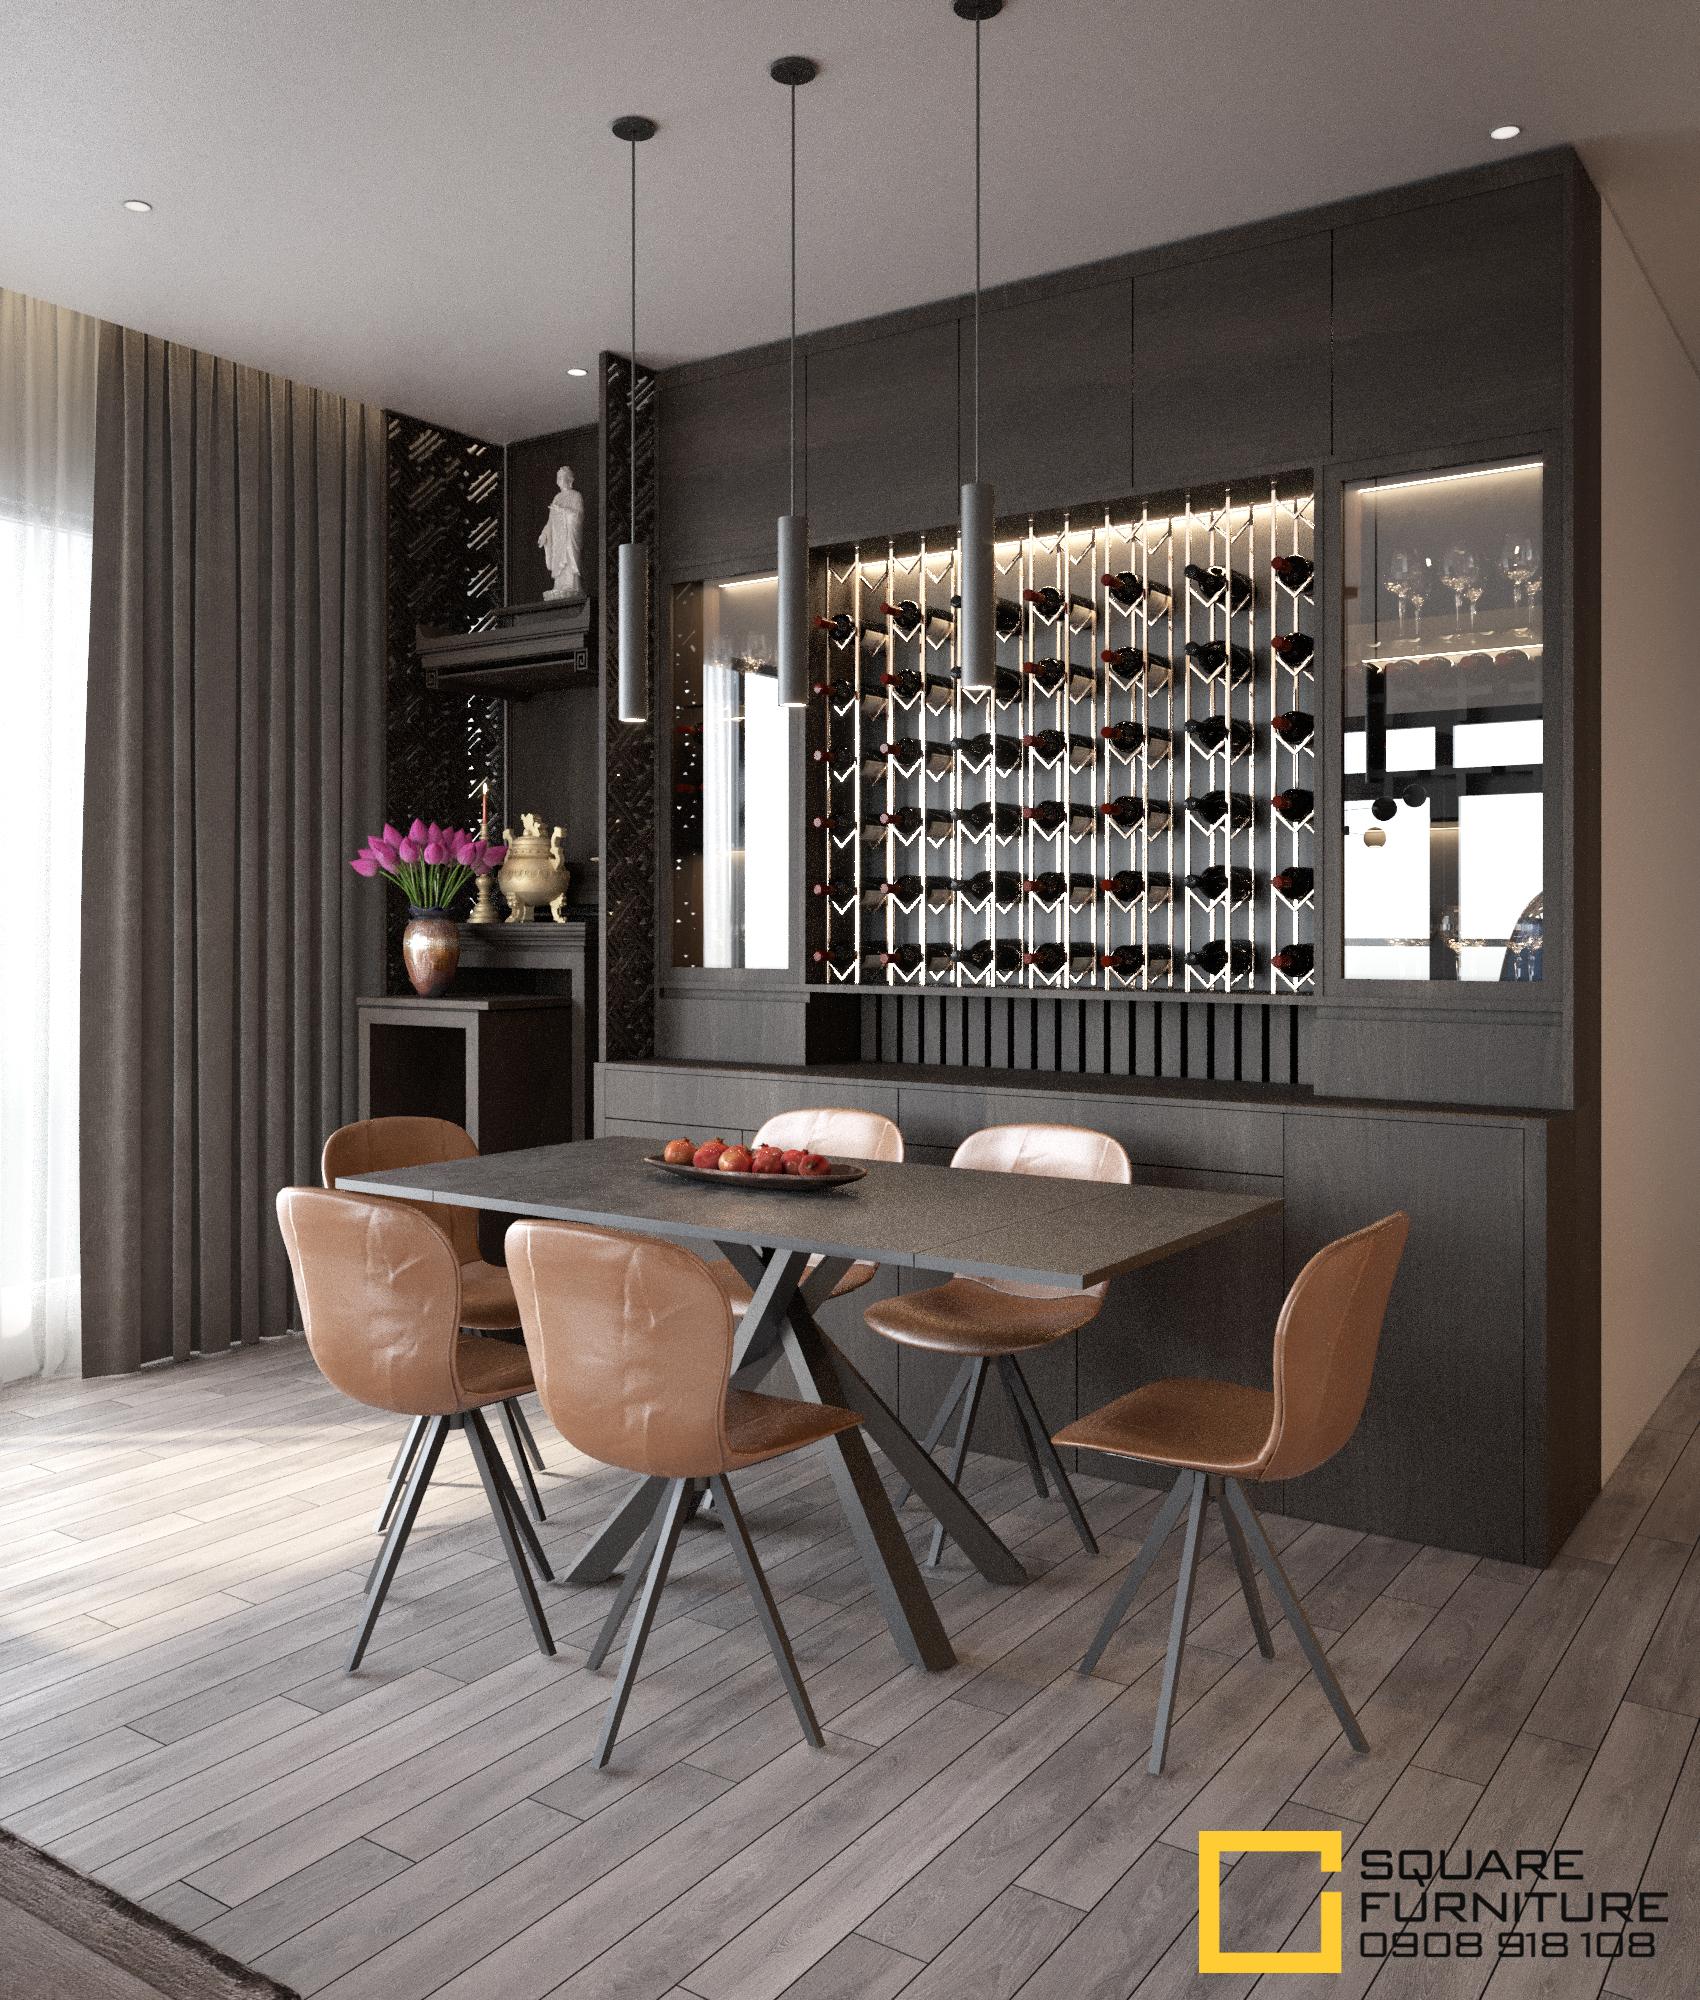 thiết kế nội thất chung cư tại Hồ Chí Minh Căn hộ Haiwaii Đảo Kim Cương 4 1559032076